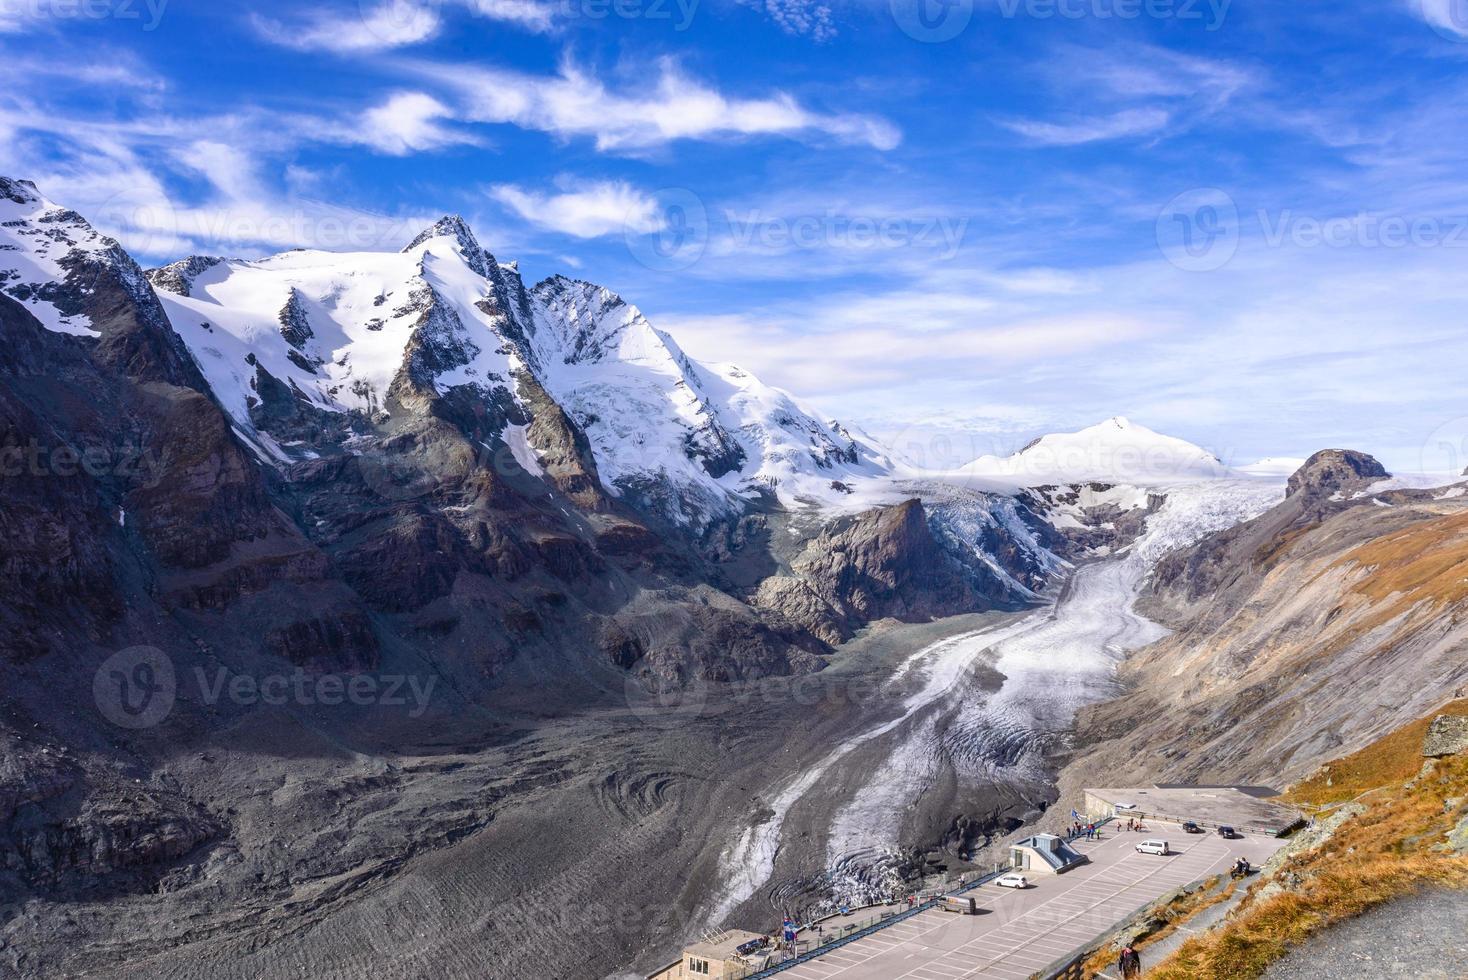 vista del ghiacciaio franz josefs hohe, parco nazionale degli hohe tauern foto